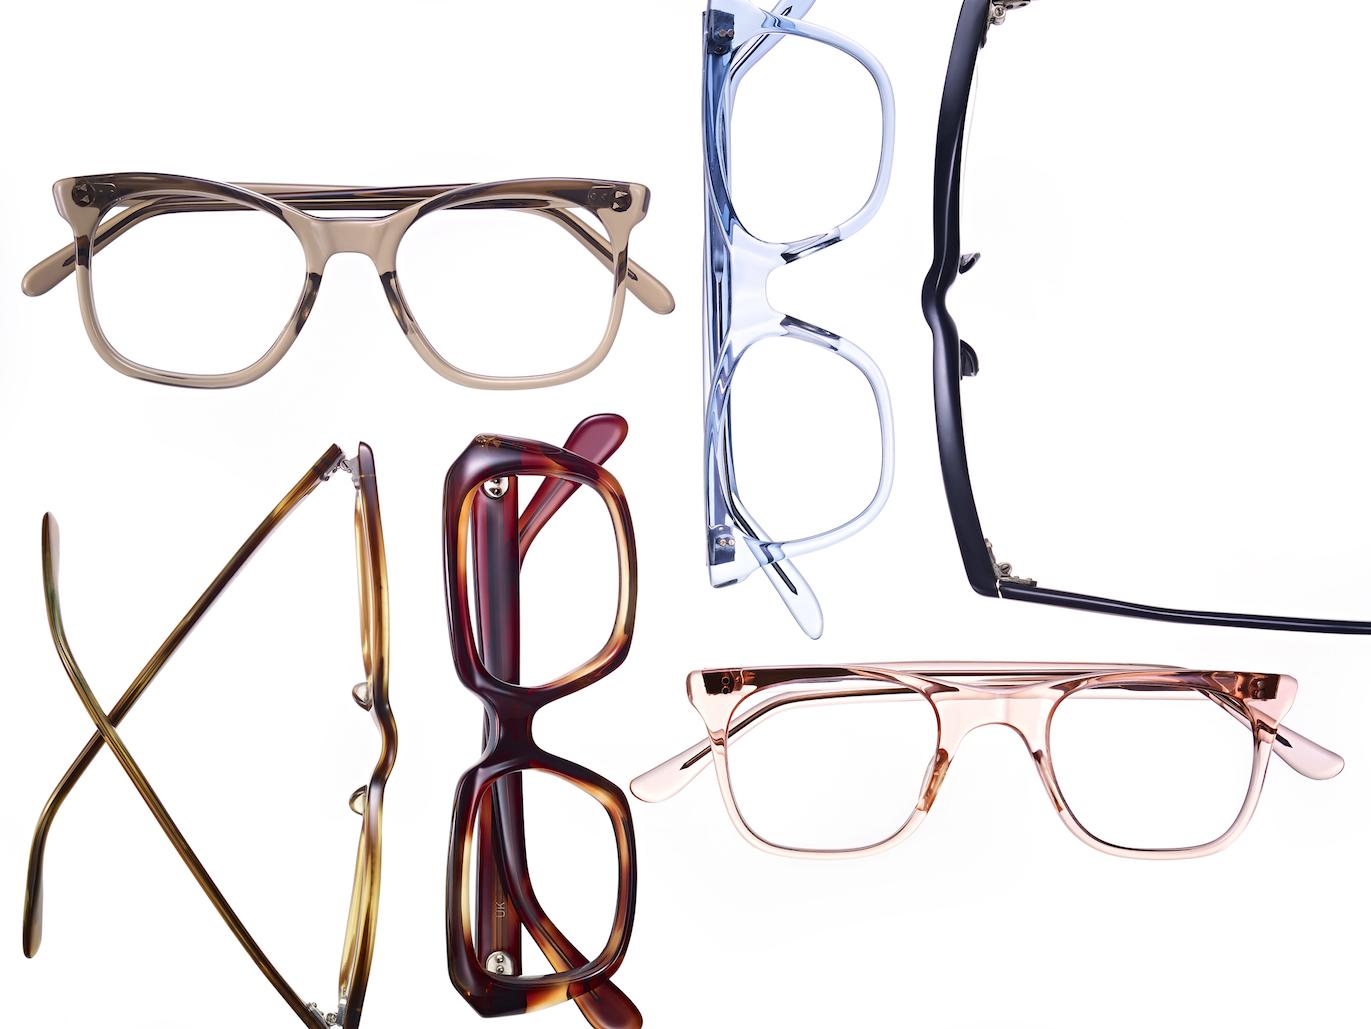 オープン,メガネ,眼鏡,ヴィンテージ,ビンテージ,JINS